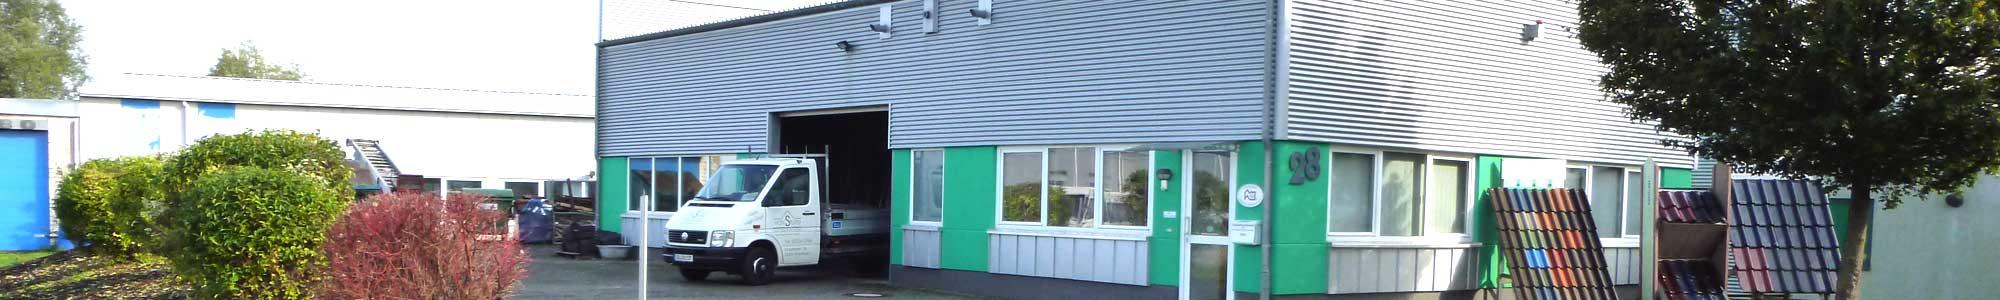 dachdecker meister betrieb firma von sturm. Black Bedroom Furniture Sets. Home Design Ideas